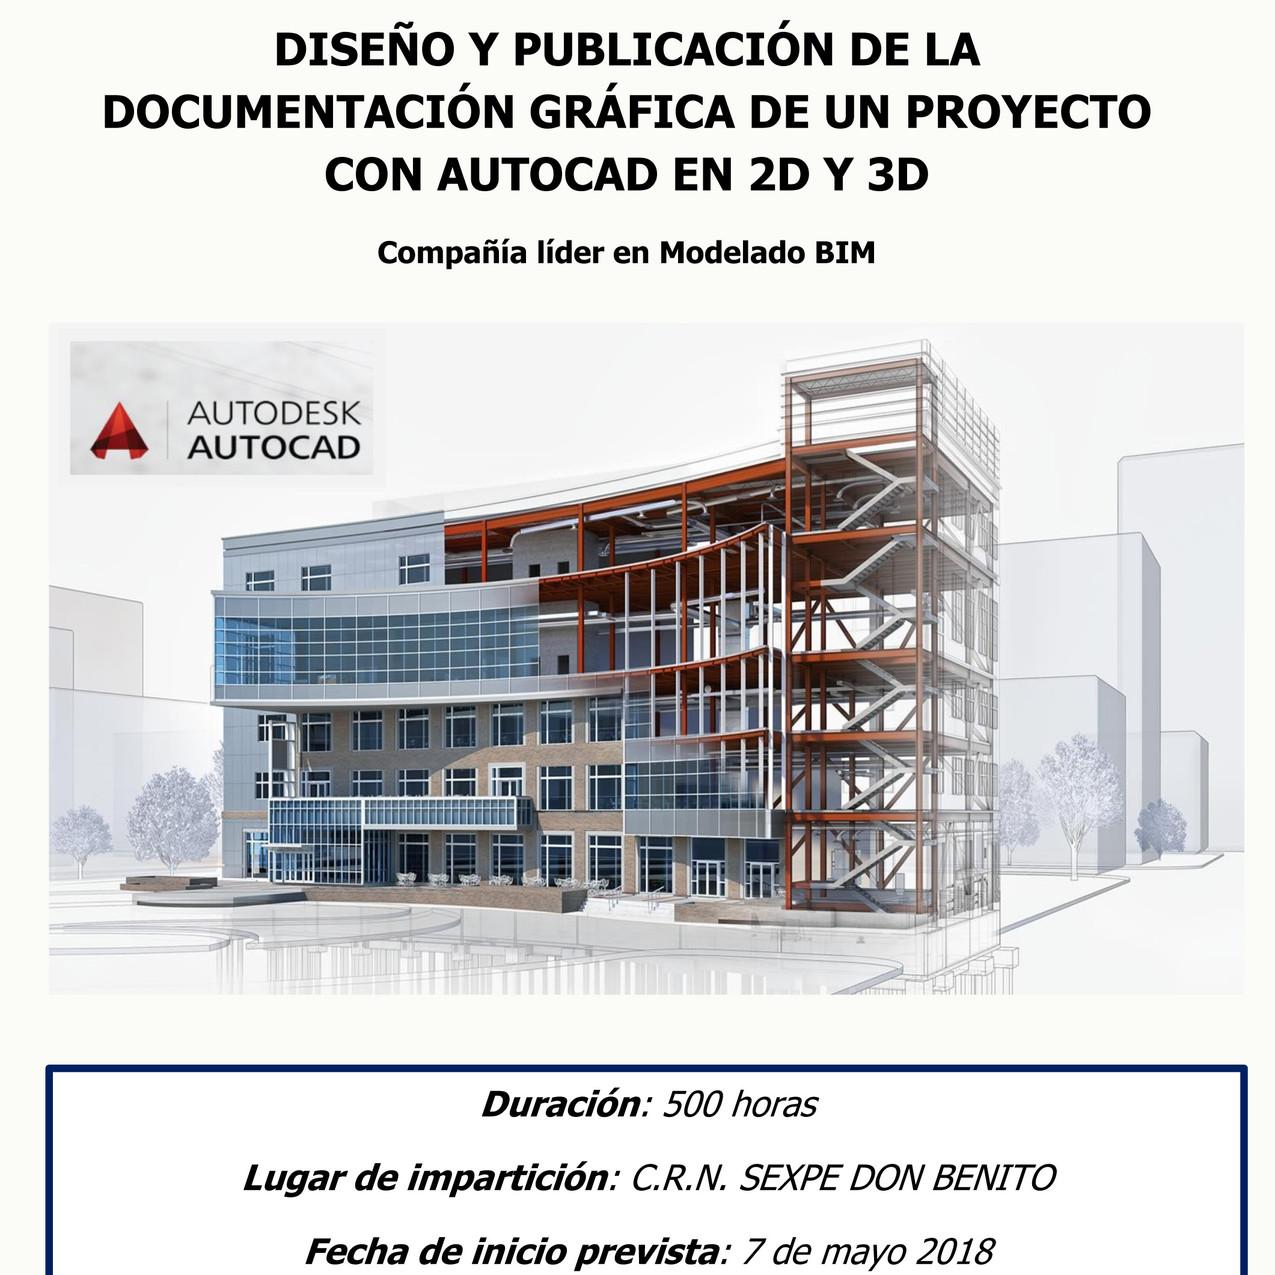 Carpetas_informativas_de_cursos_de_formación-3